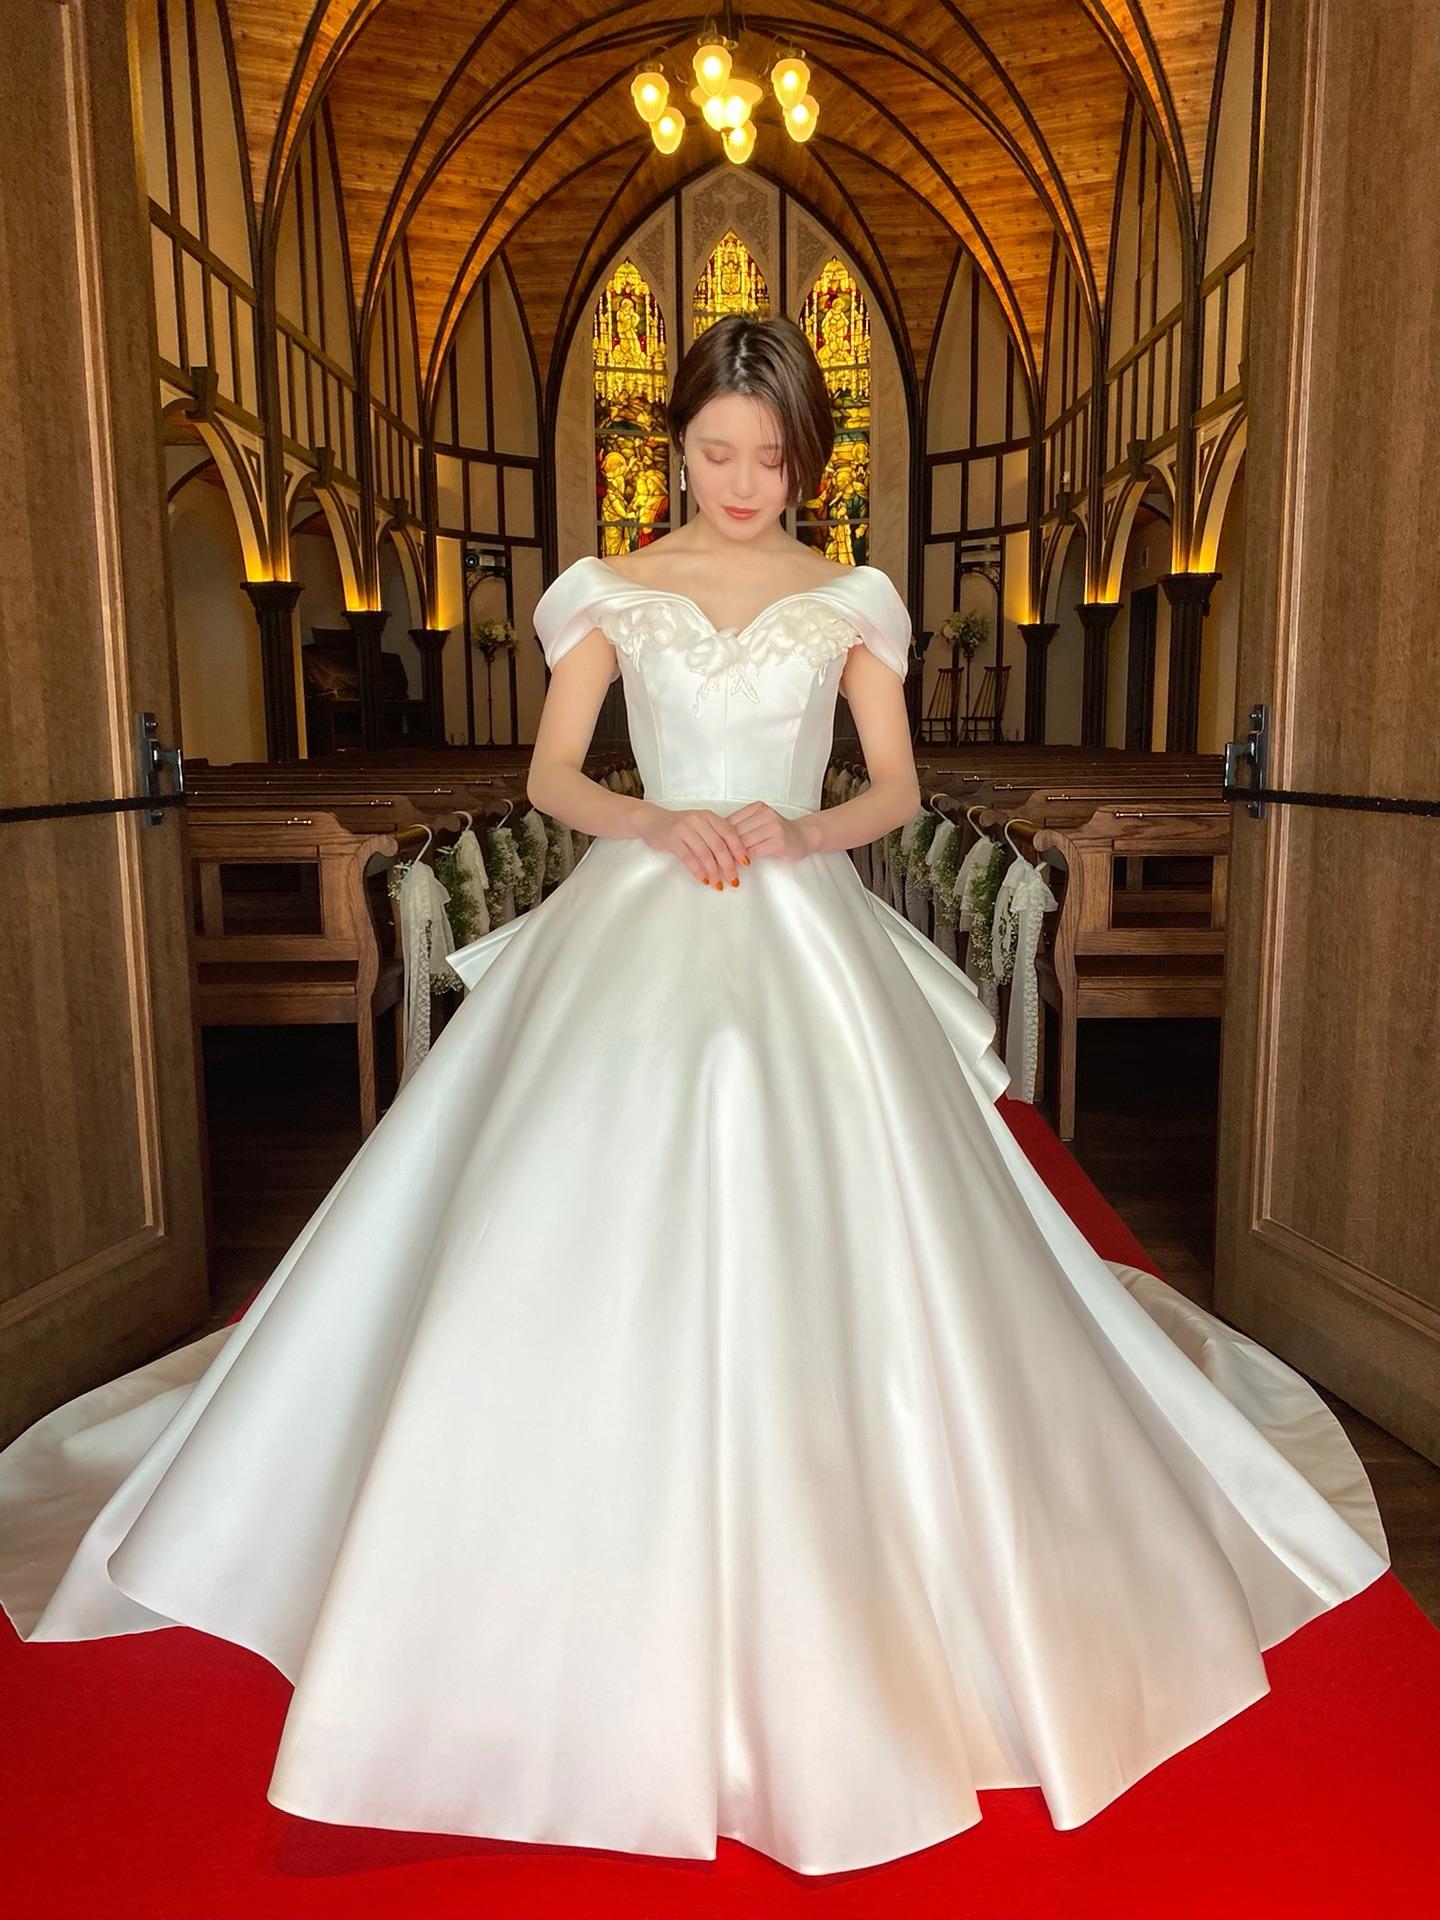 Marchesa(マルケーザ)のドレスで叶えるエレガントな挙式スタイル